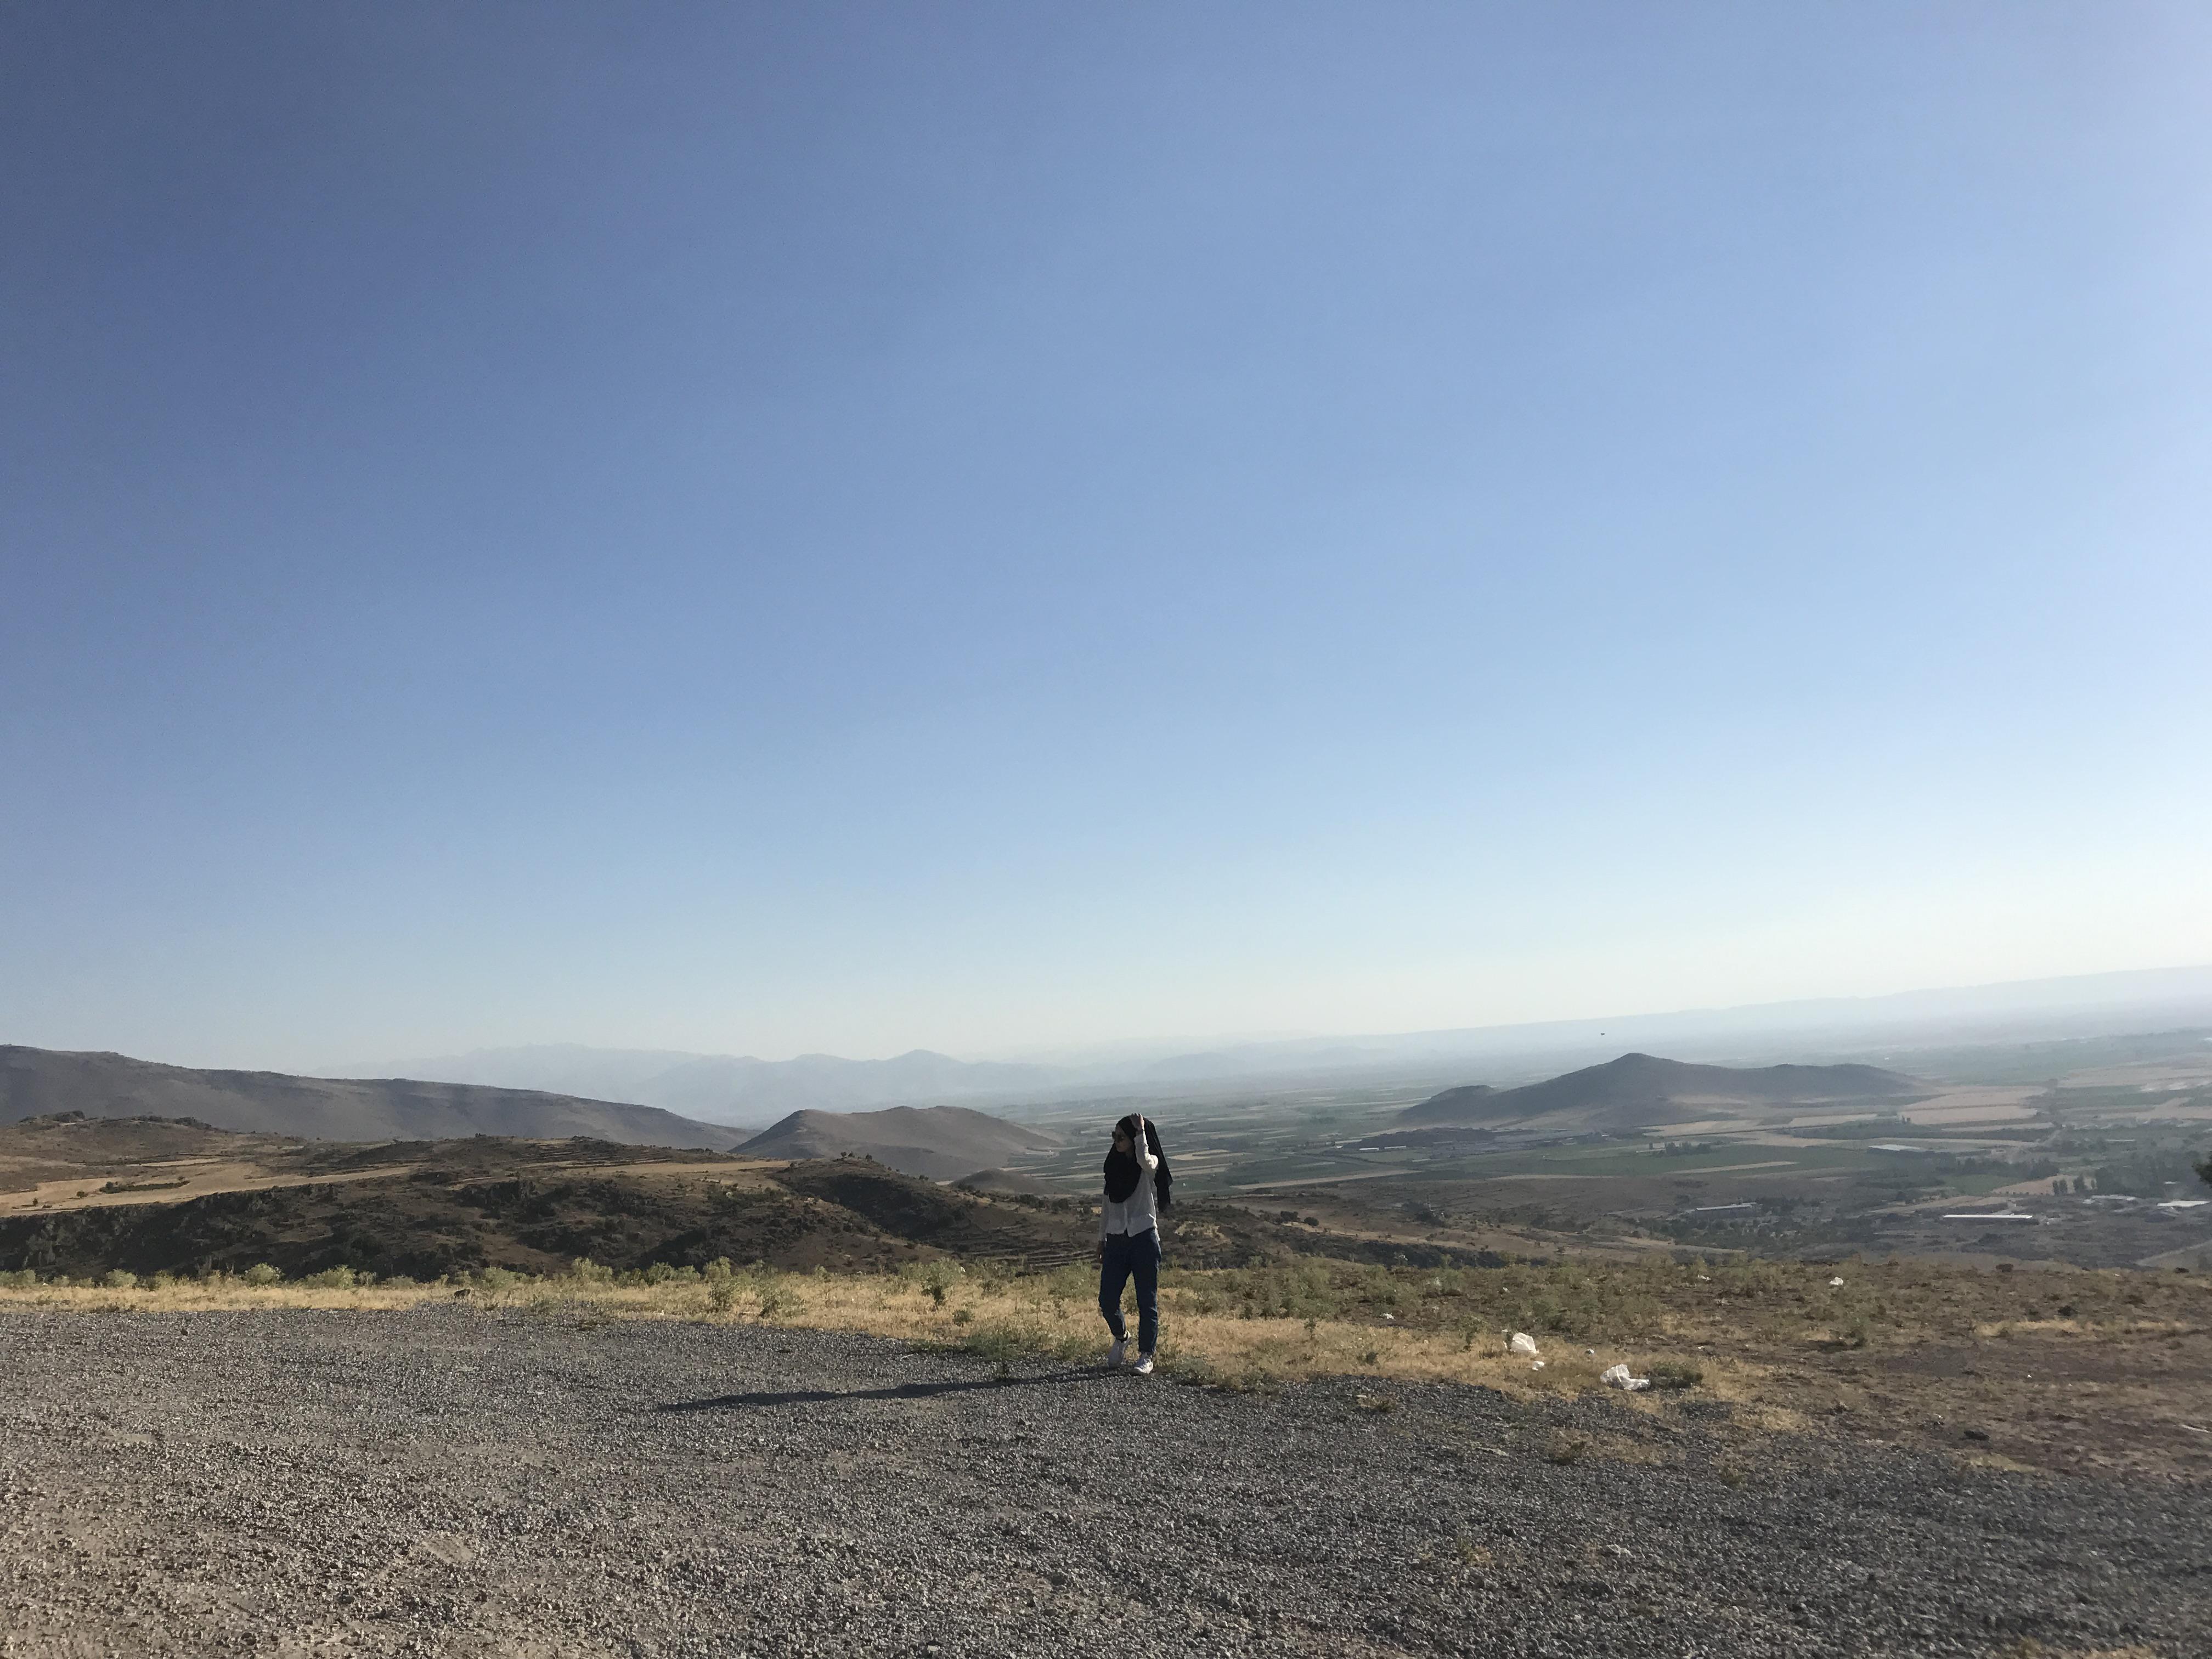 Die Risiken davon, nicht zu wissen, wer man ist - Post von Hilal Yildiz auf Selihal.com